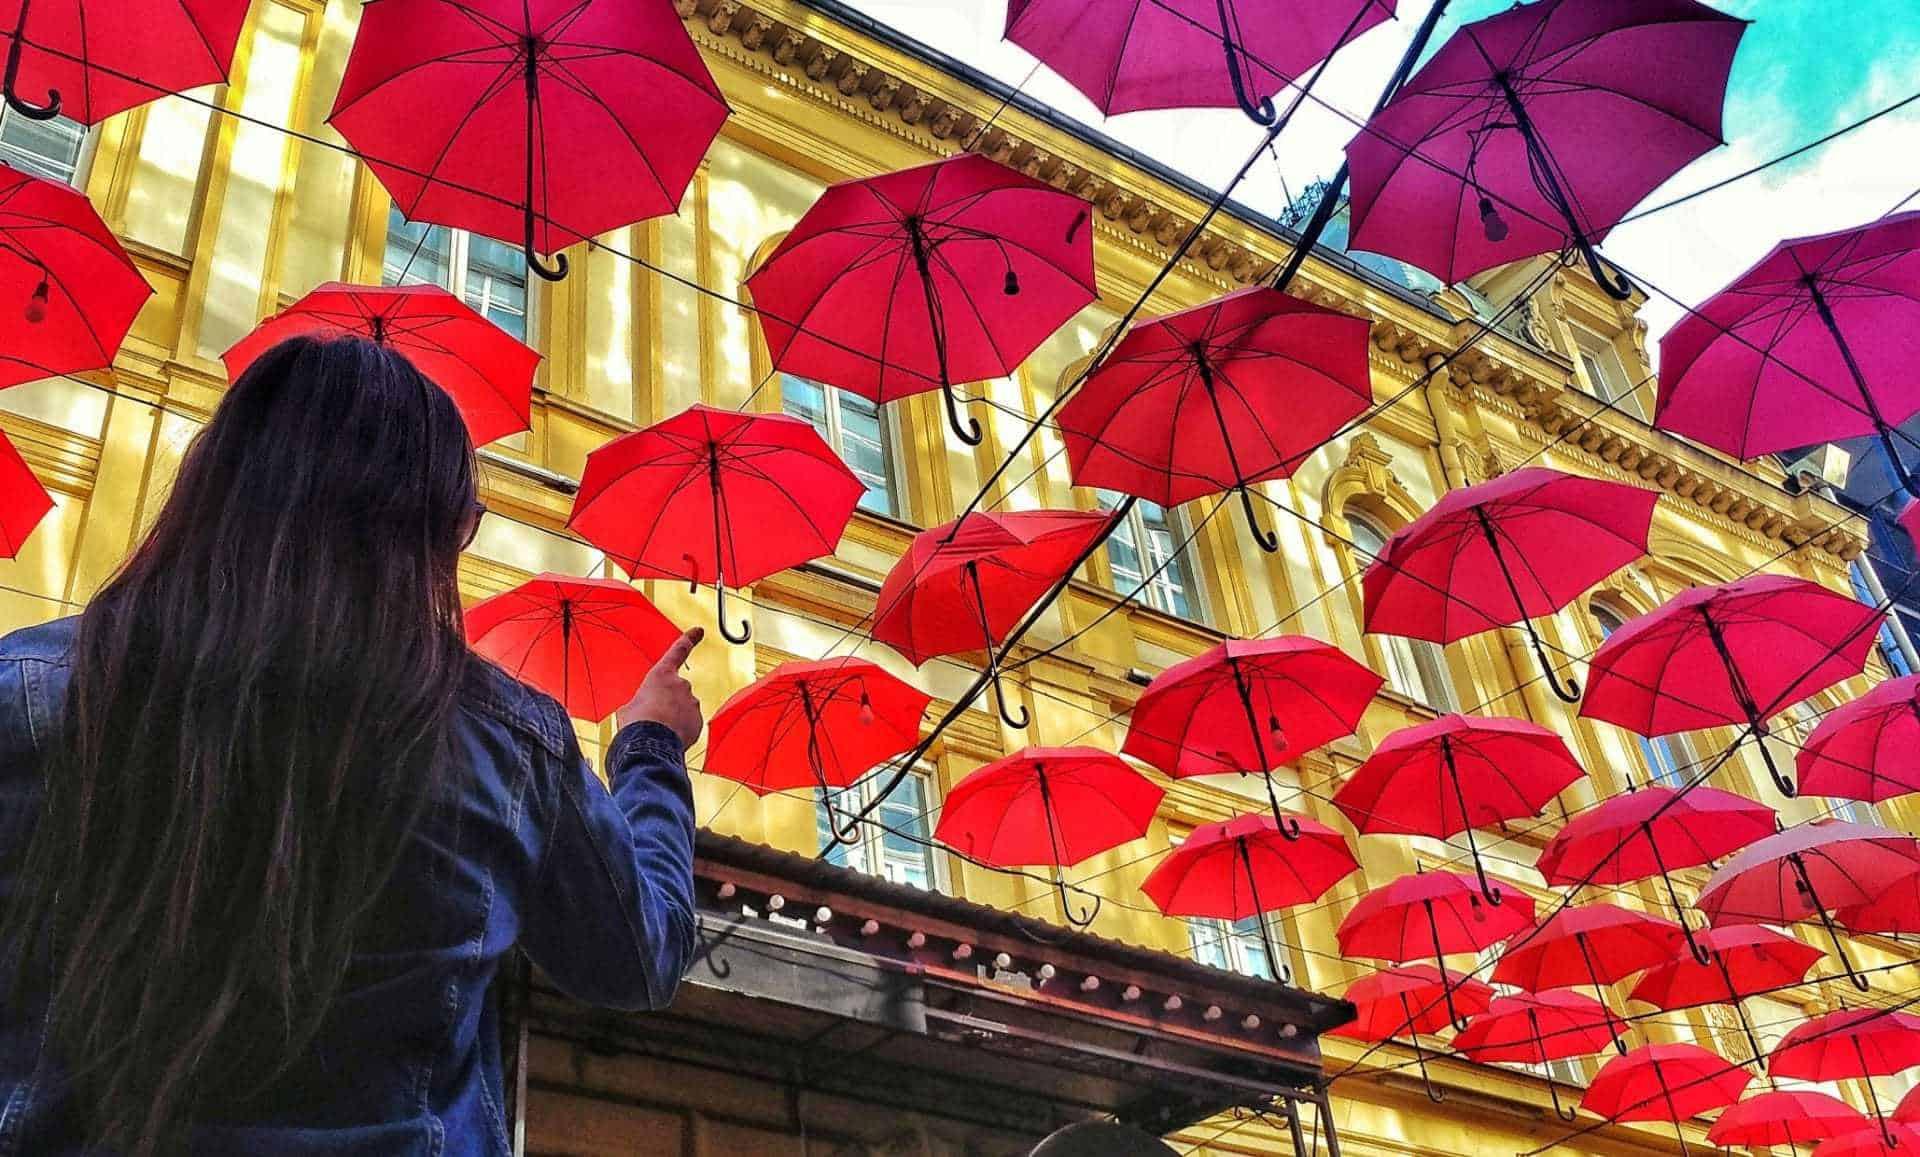 Cosa vedere a Belgrado in un giorno: itinerario e luoghi principali da visitare